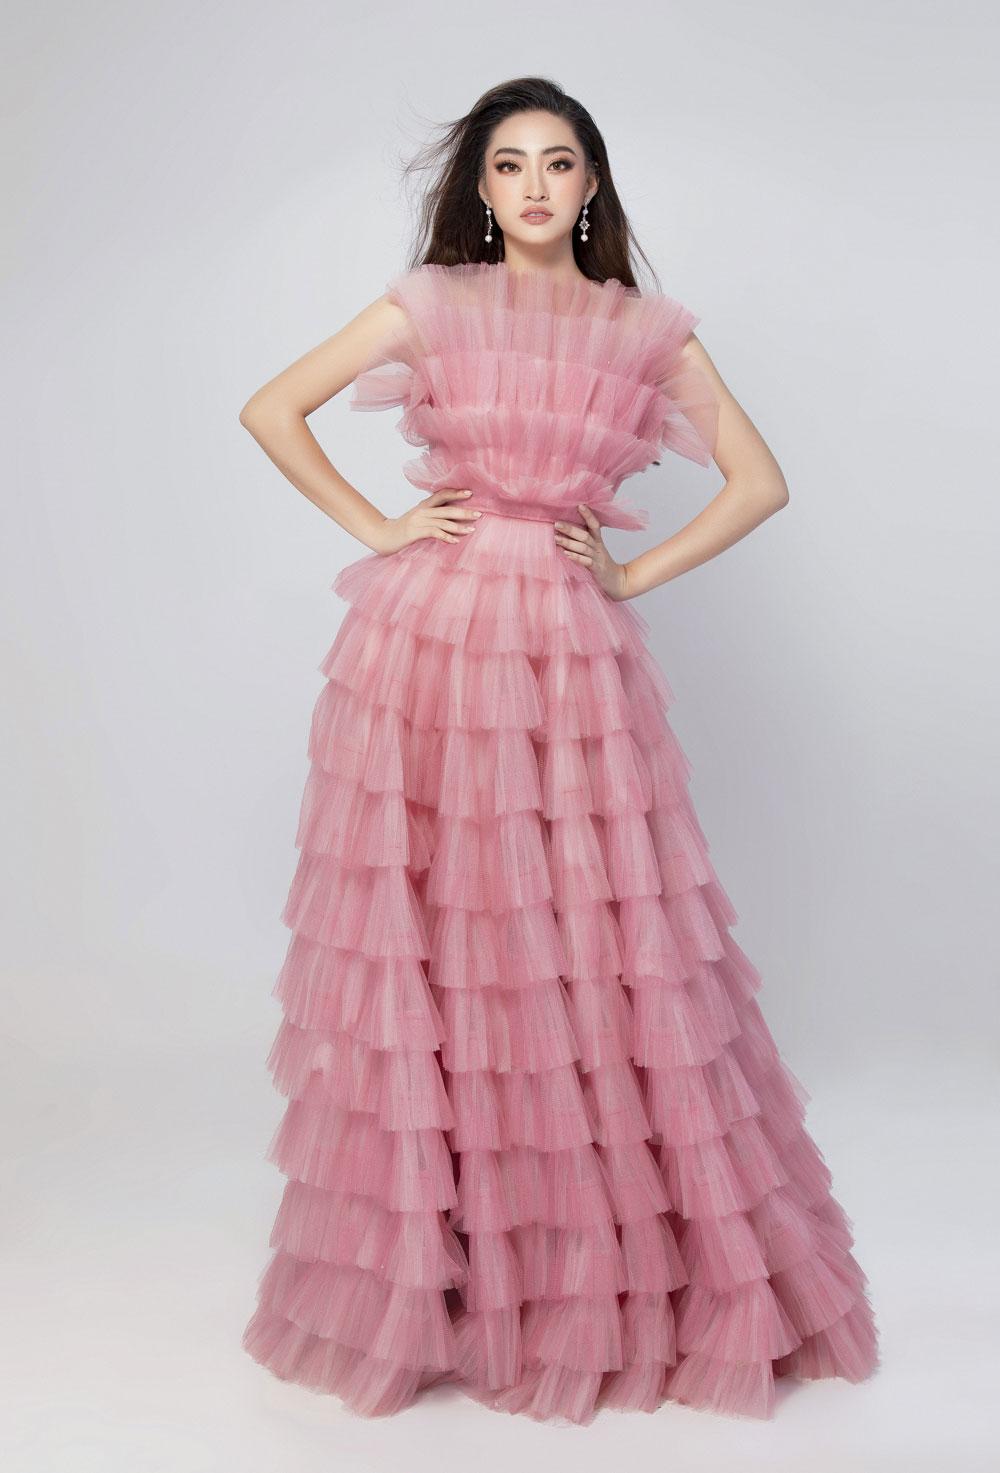 Diện đầm hồng chuẩn gu Miss World, Lương Thùy Linh cất lời ca 'A million dreams' đầy ý nghĩa 2